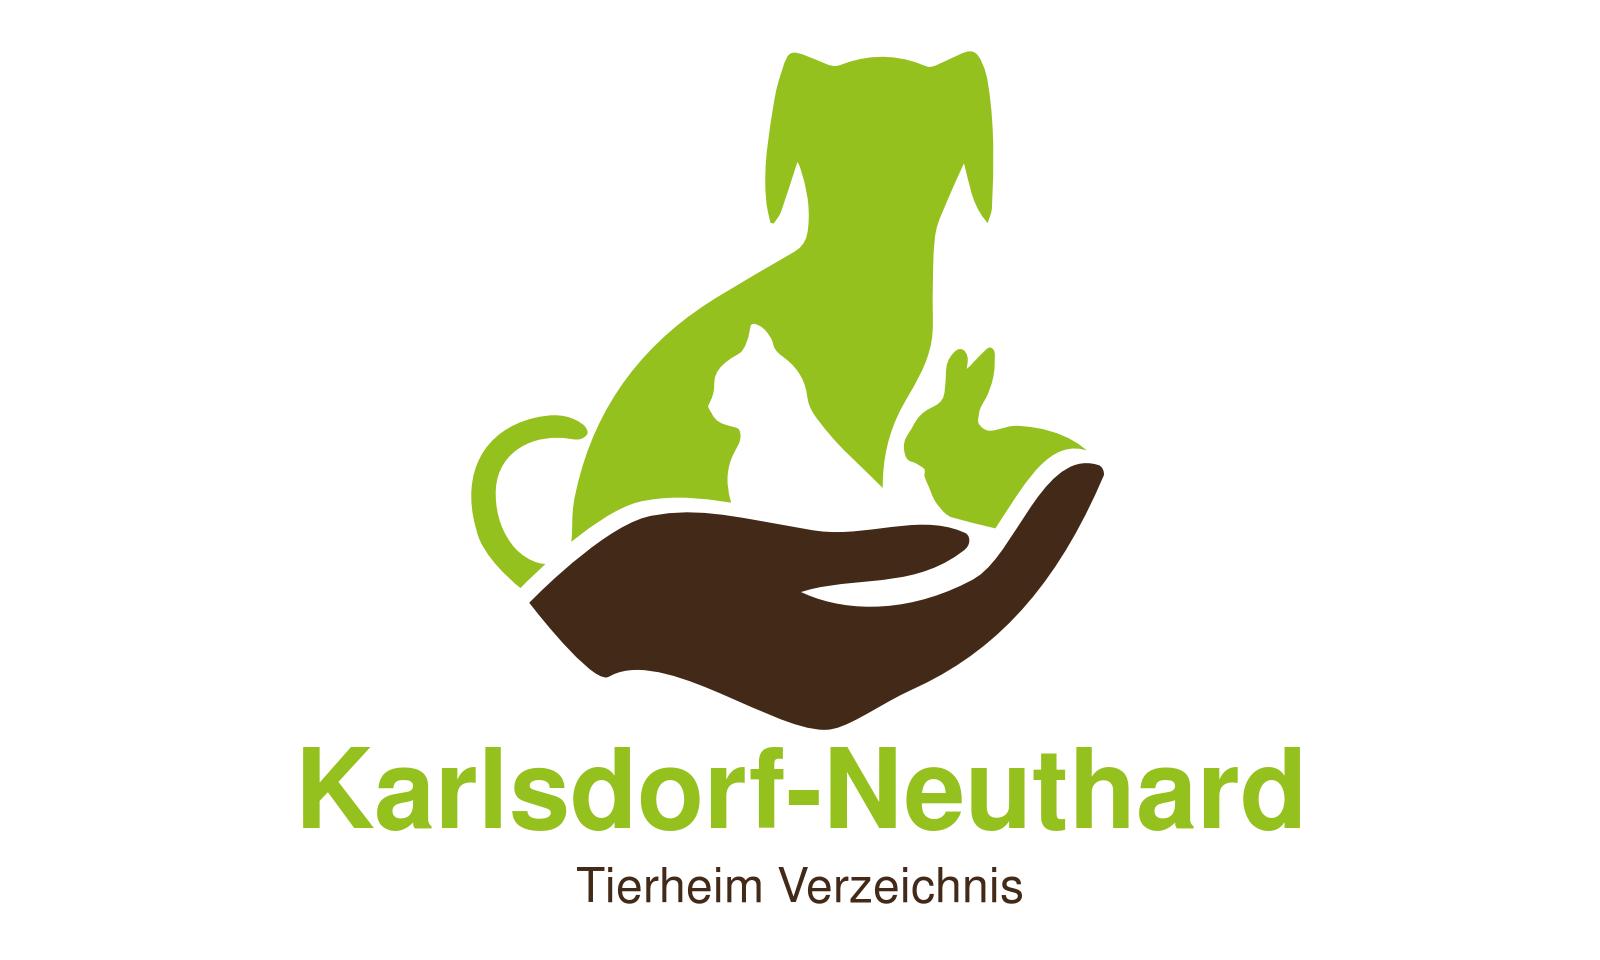 Tierheim Karlsdorf-Neuthard